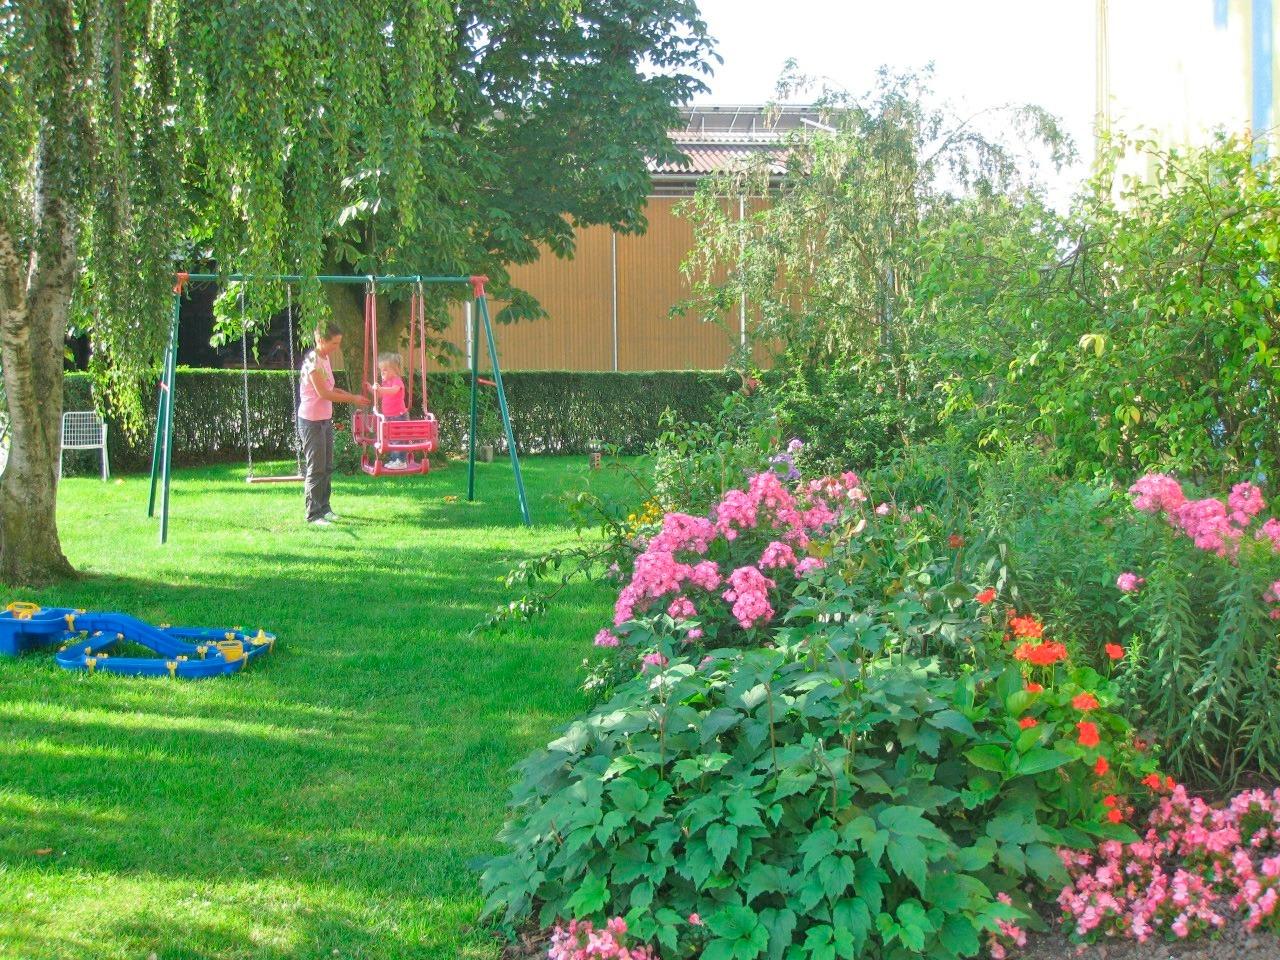 Ferienwohnung Mitmach-Bauernhof Ferienhof Arold Schwalbennest (1894974), Creglingen, Taubertal, Baden-Württemberg, Deutschland, Bild 9